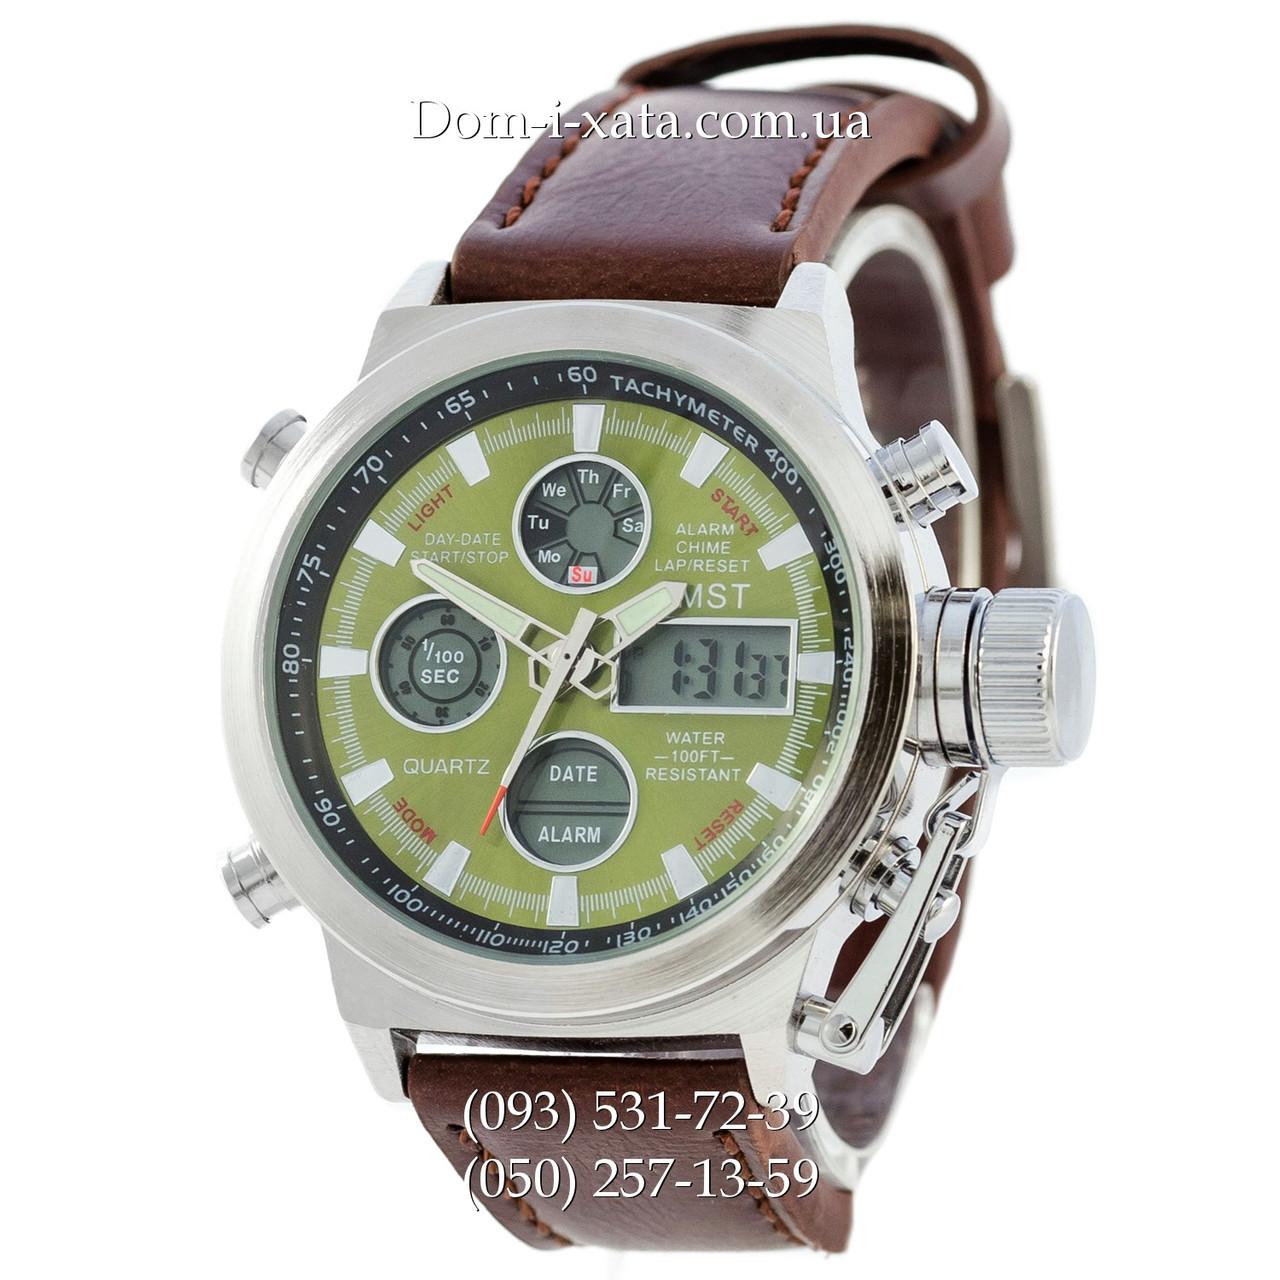 Армейские часы AMST 3003 Silver-Green, кварцевые, армейские часы АМСТ, реплика, отличное качество!